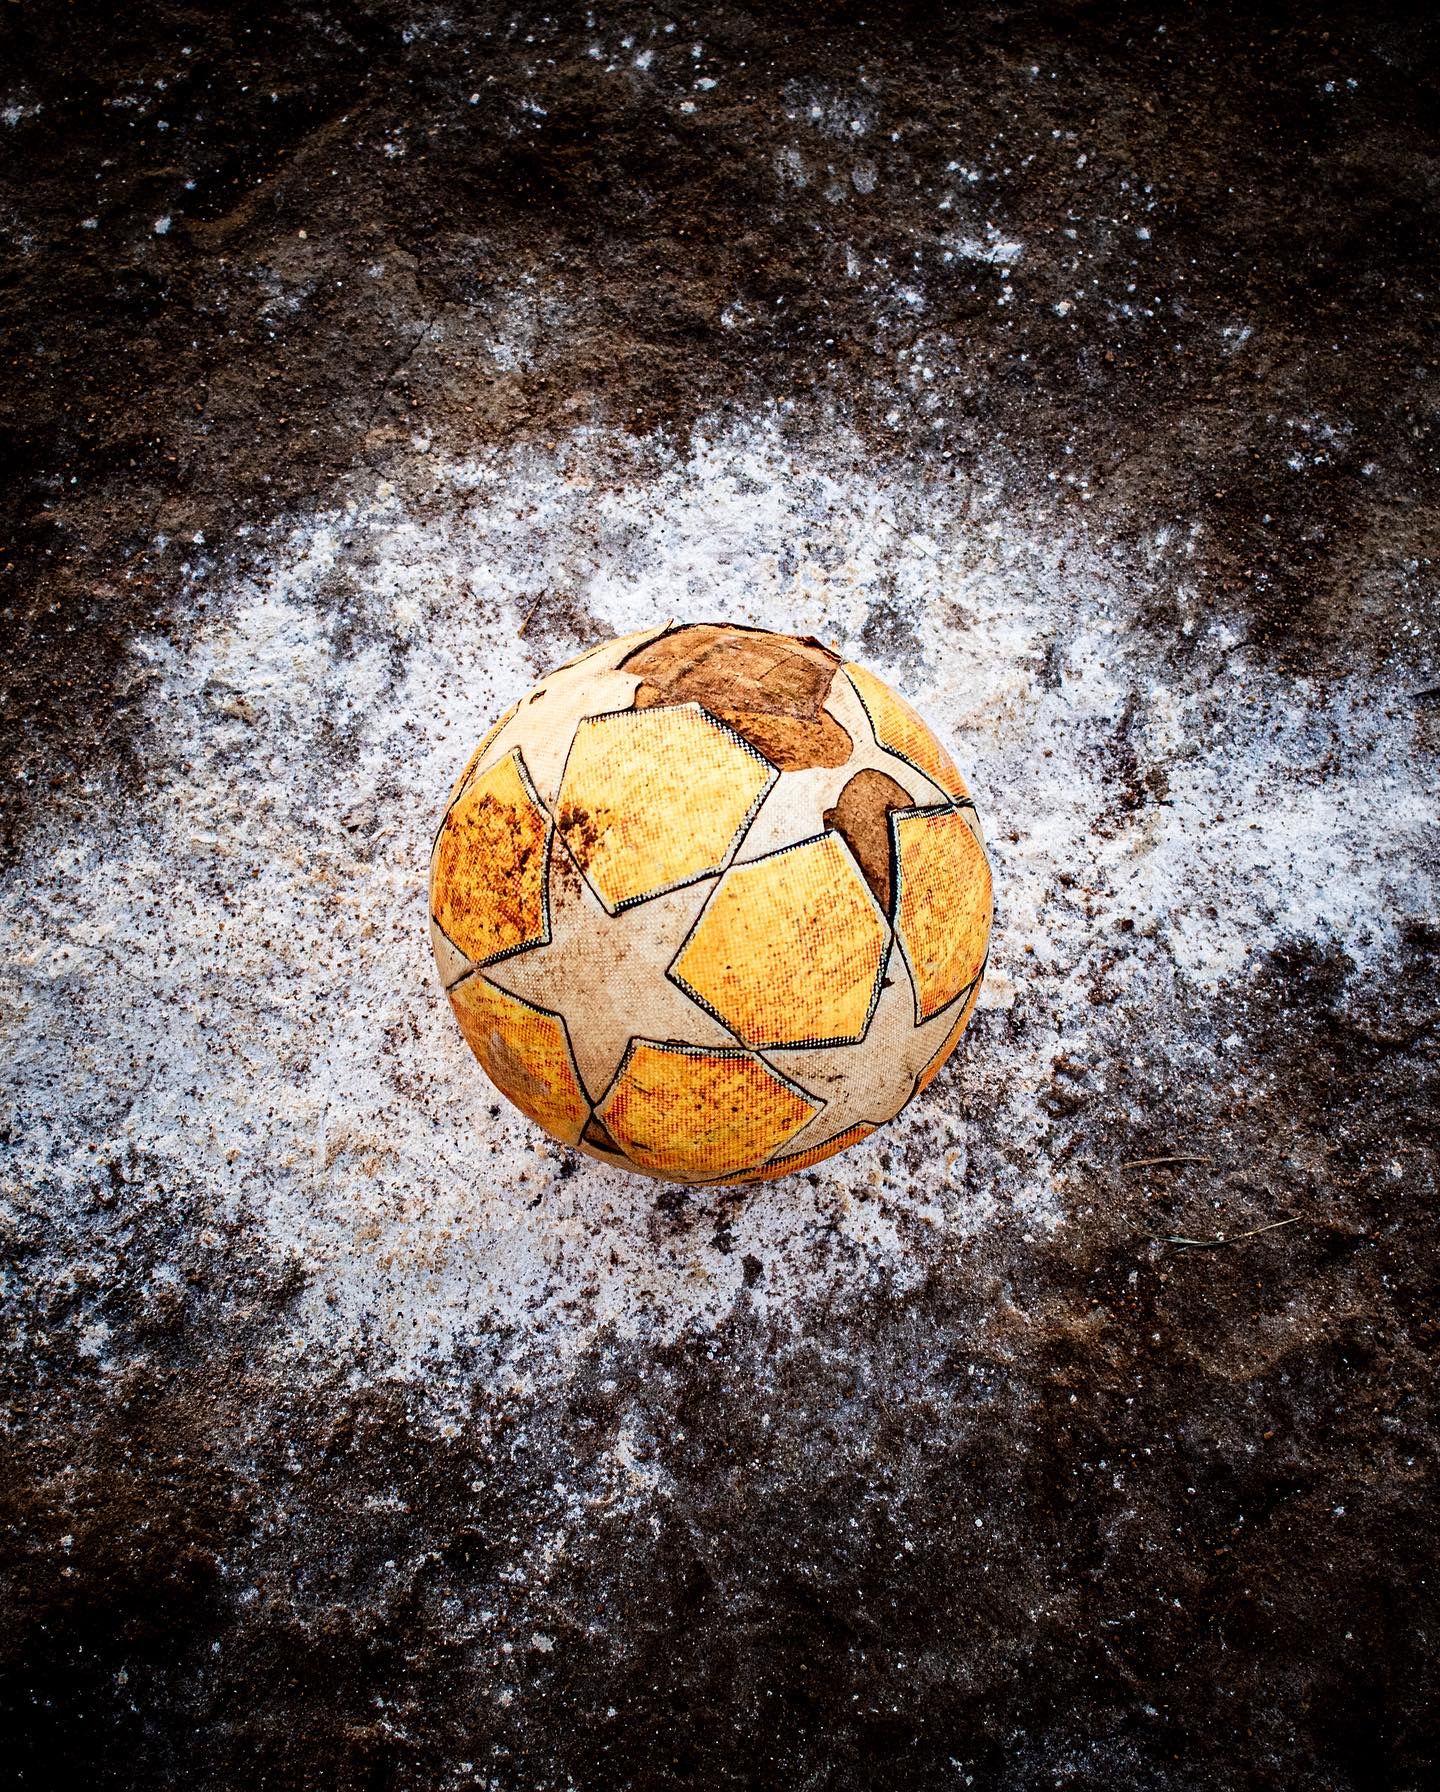 Sonhos Futebol De Rua Futebol Fotos